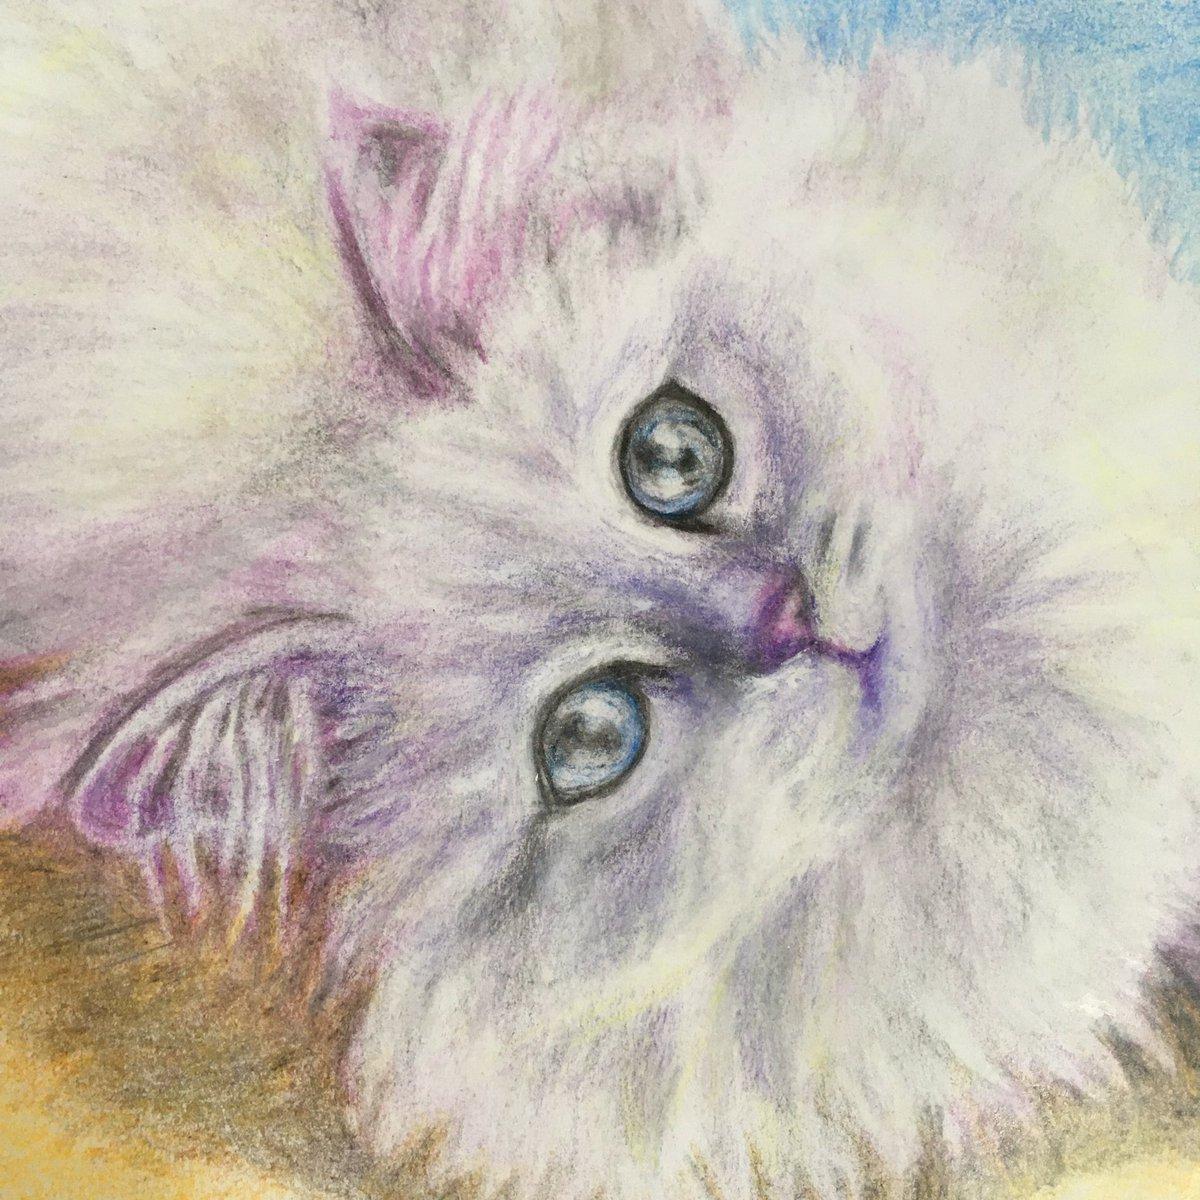 今日もまたまた猫ちゃん描いてみました。ゴロンと横になるふかふかねこちゃん(^-^)#猫好き #ネコ #イラスト #イラスト練習中 #猫好きさんと繋がりたい #イラスト好きさんと繋がりたい#illustration #cats #アナログ #鉛筆 #色鉛筆 #お絵描き #みんなで楽しむTwitter展覧会